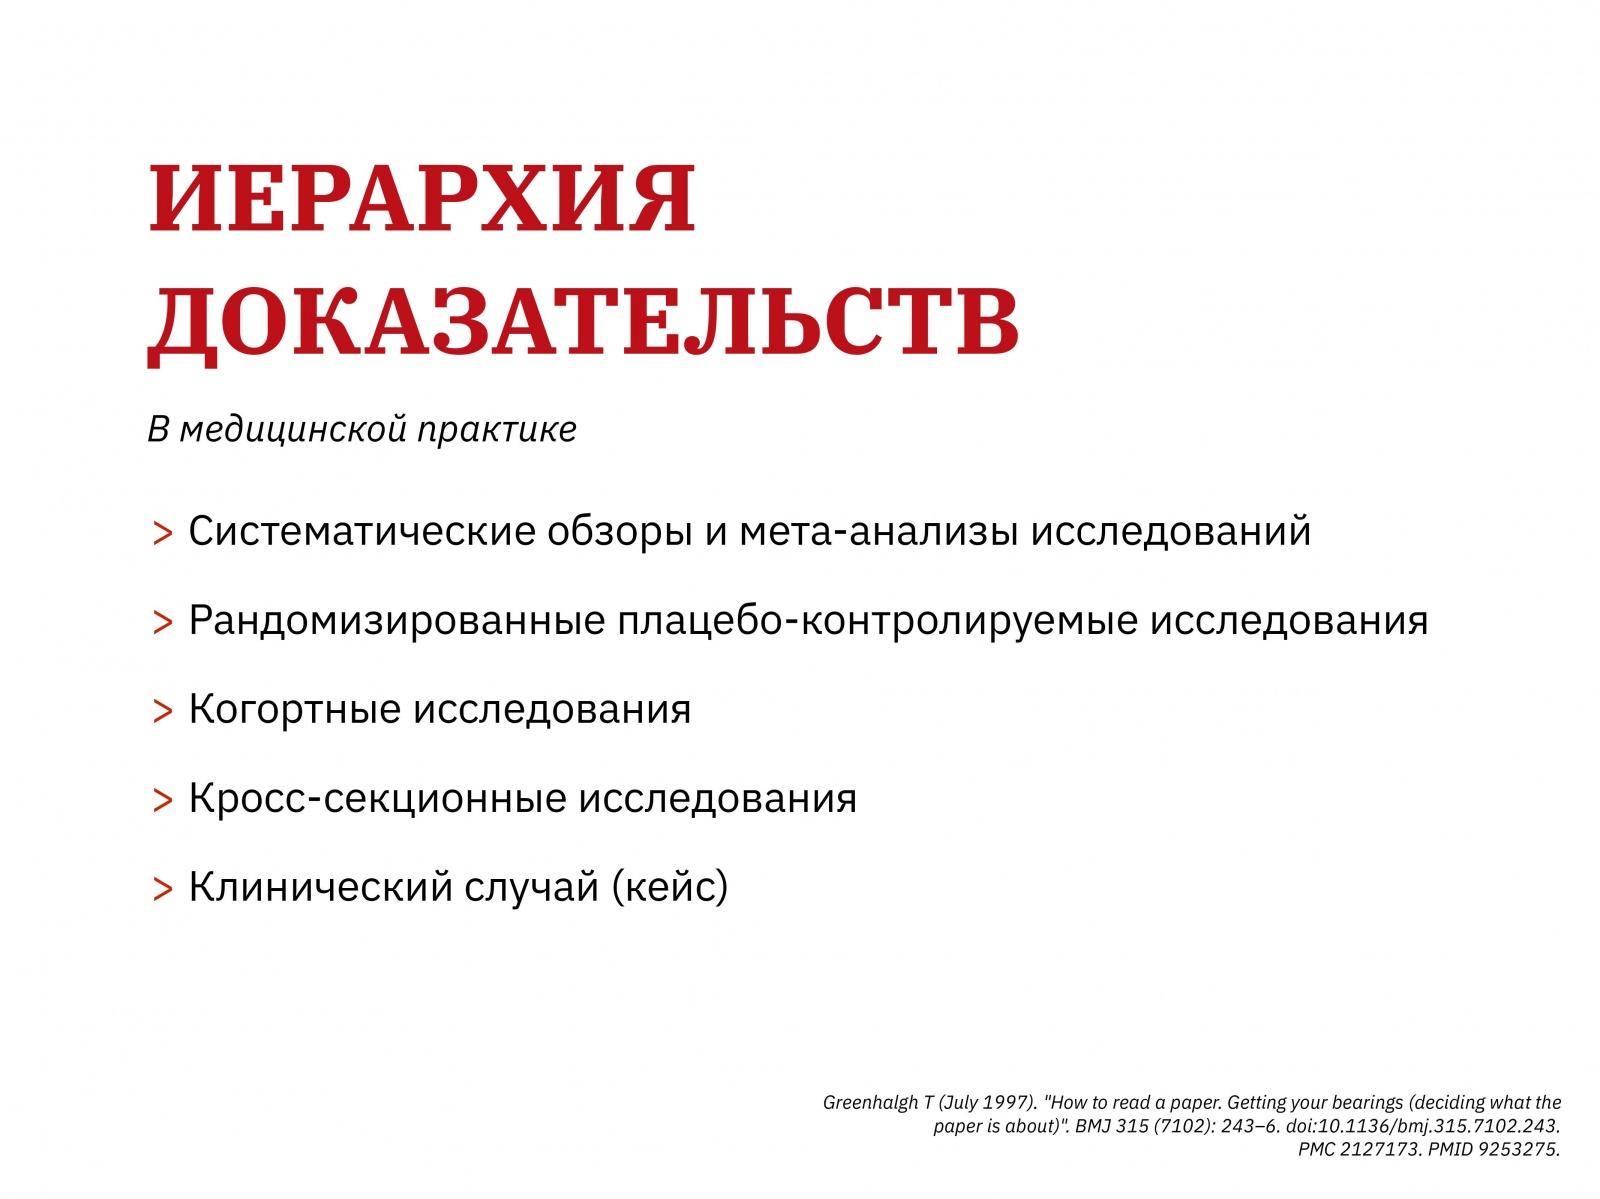 Алексей Каптерев: Критическое мышление 101 (часть 2) - 19